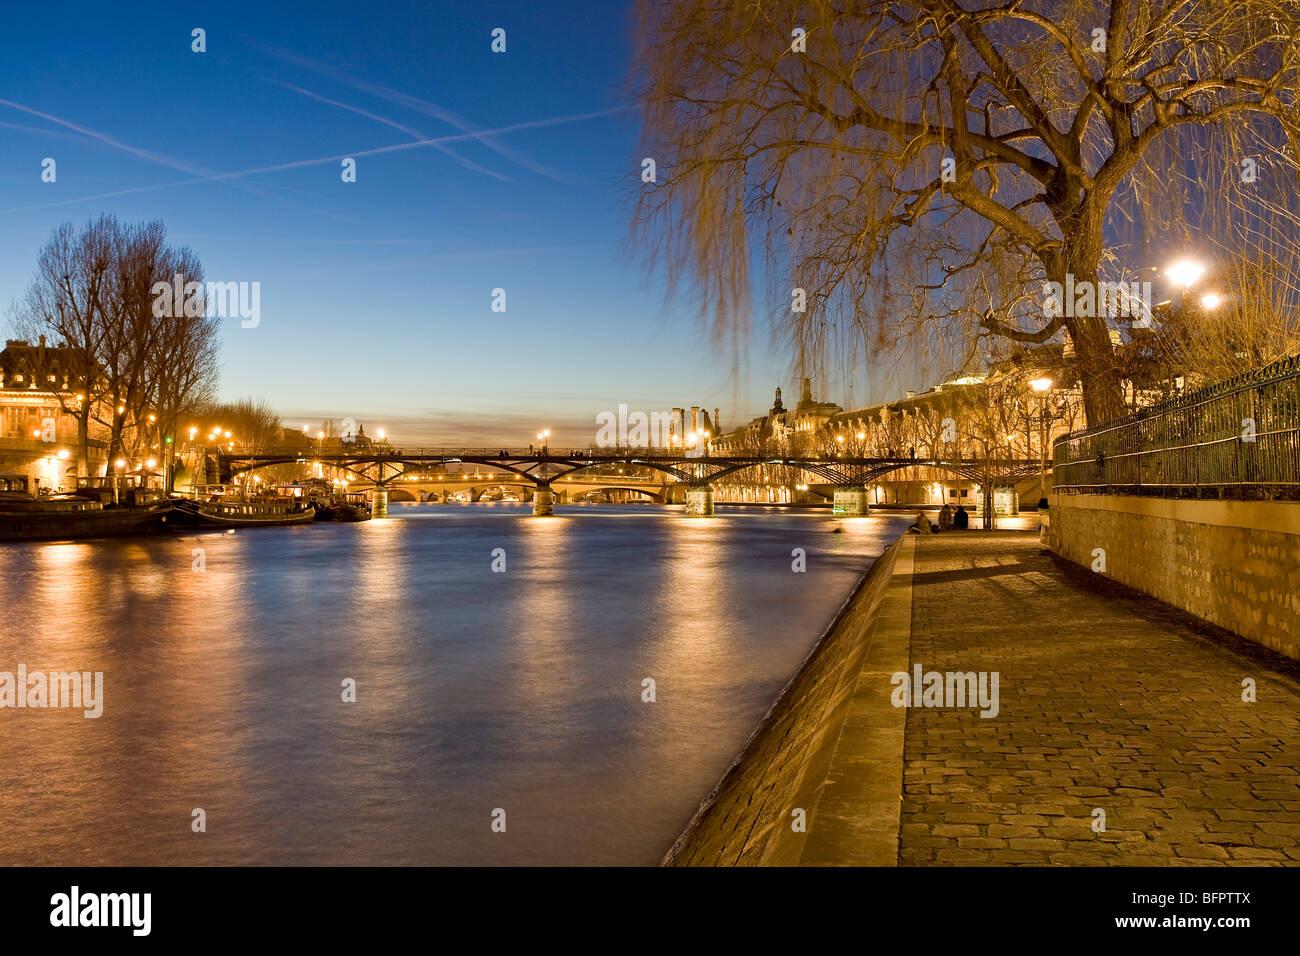 ILE DE LA CITE, PARIS - Stock Image